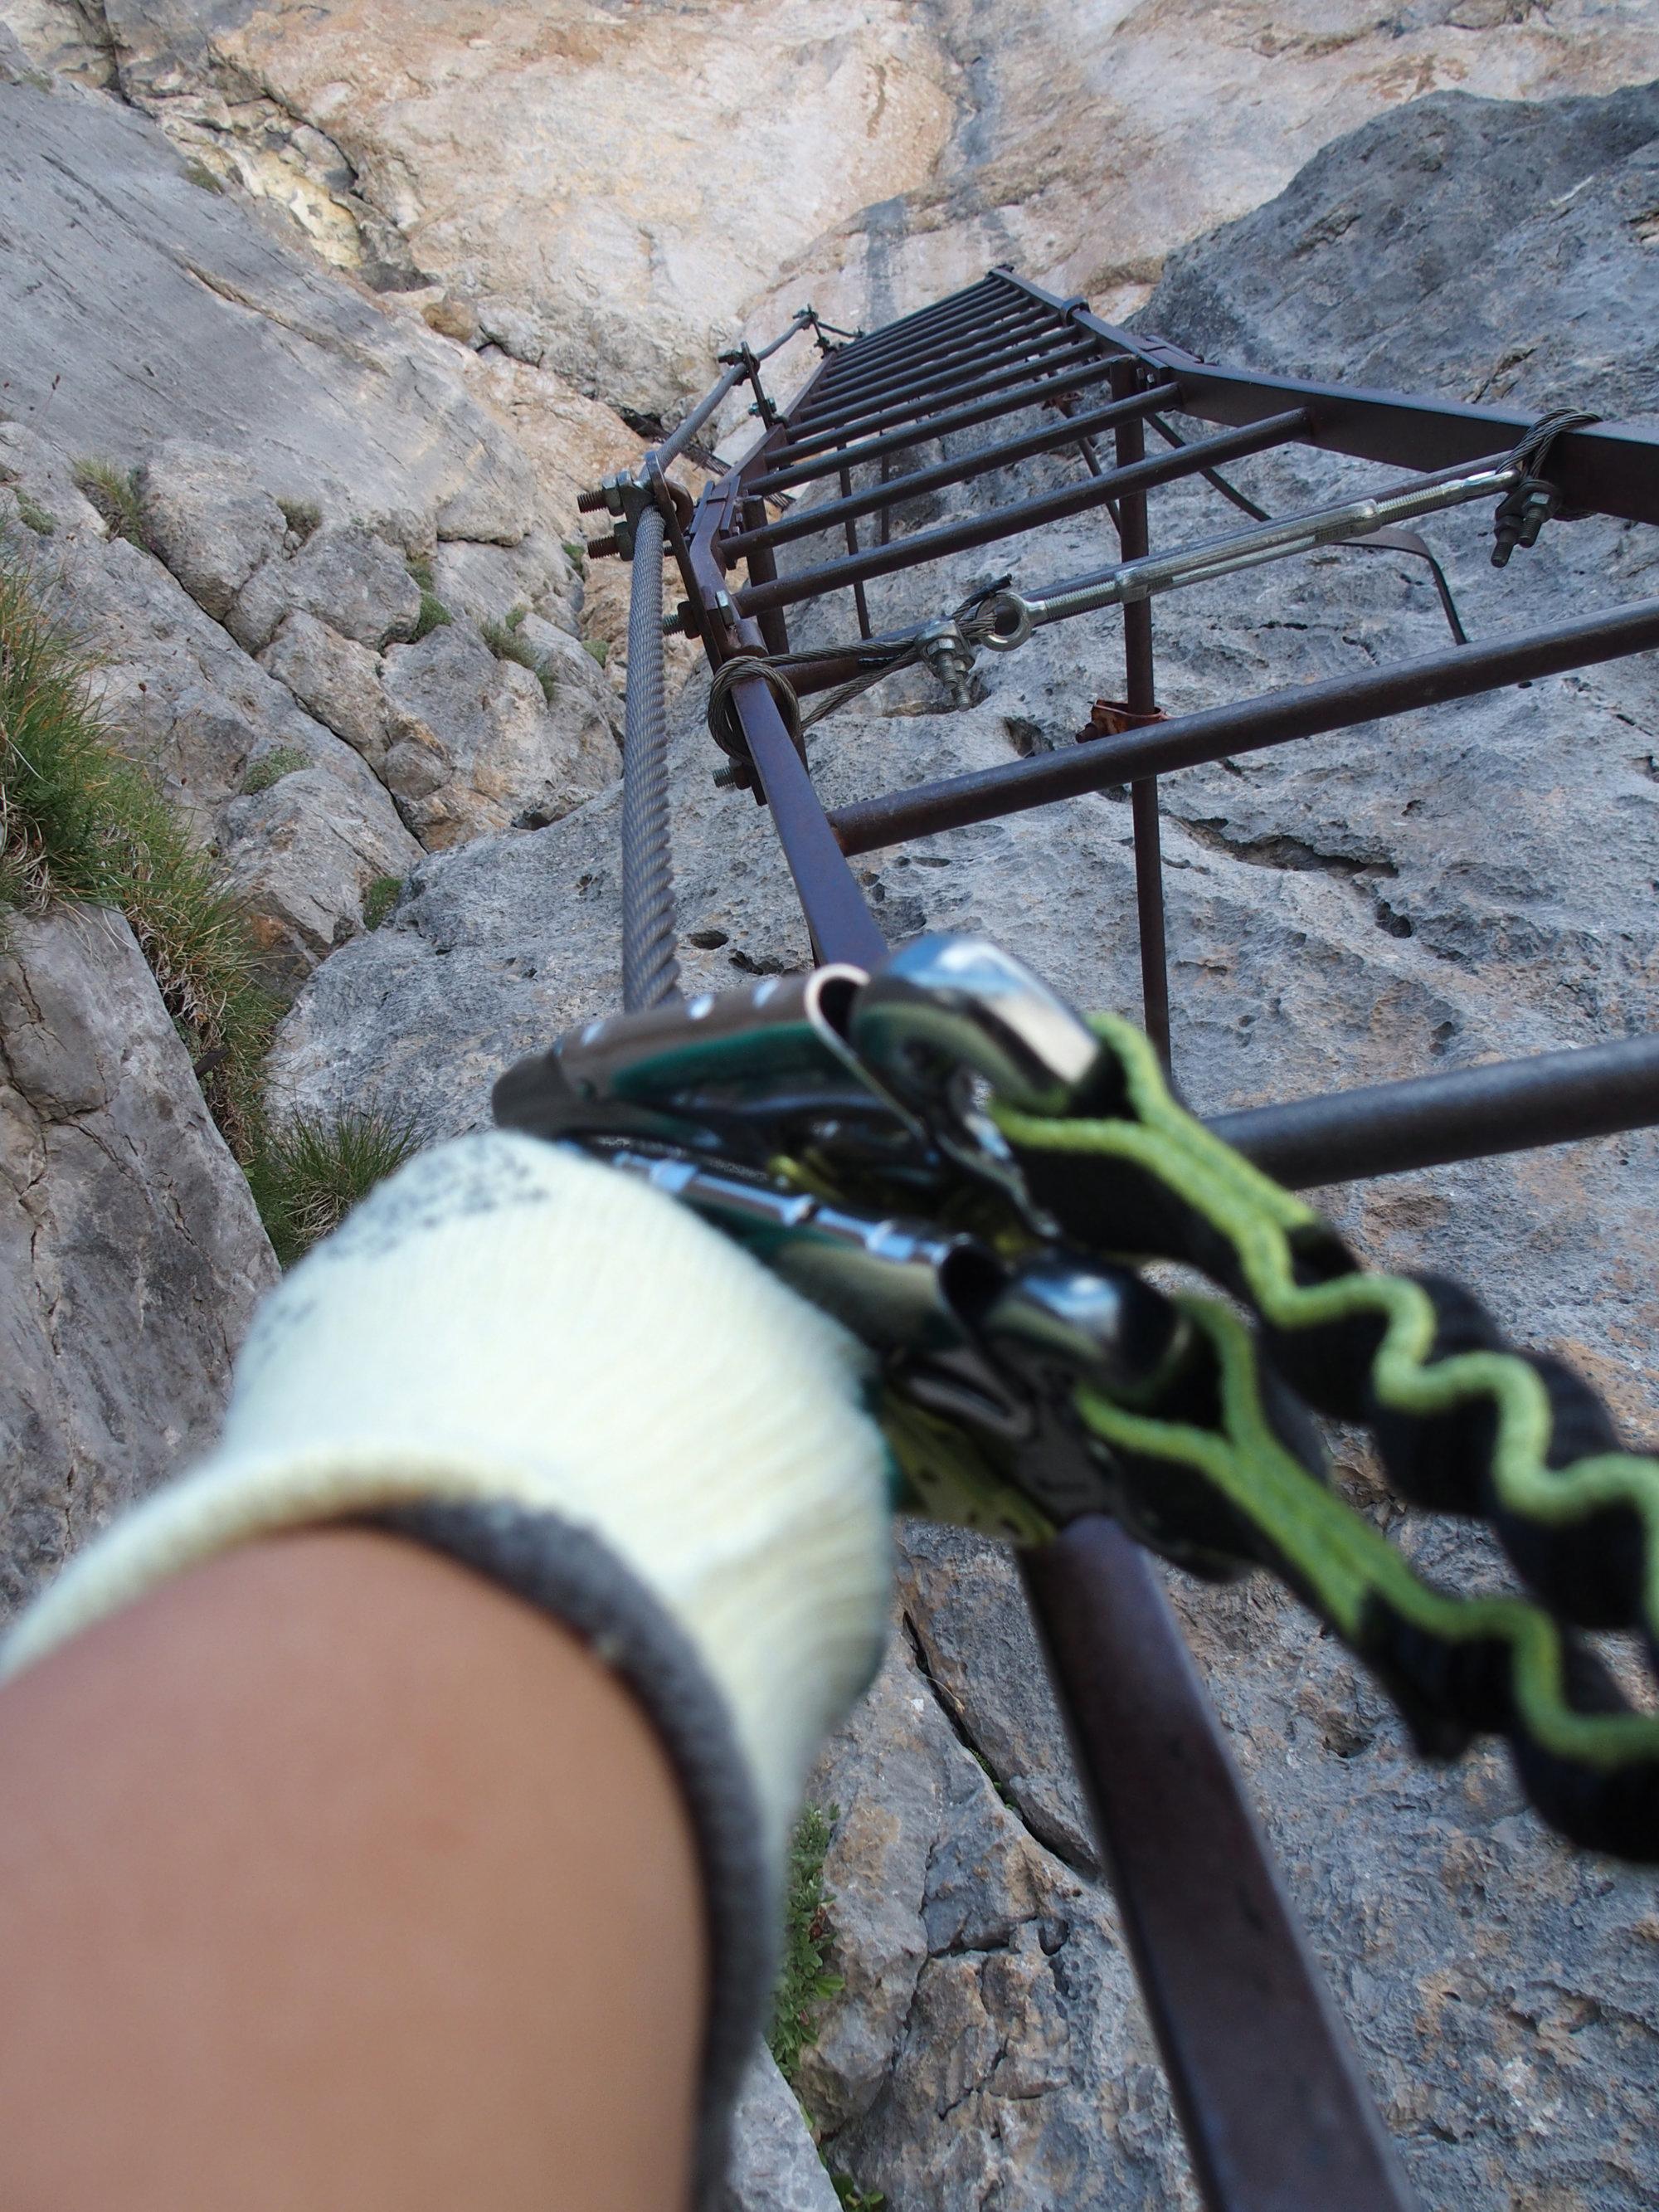 Klettersteig, Casiglione, Brenta, Klettersteig, Dolomiten